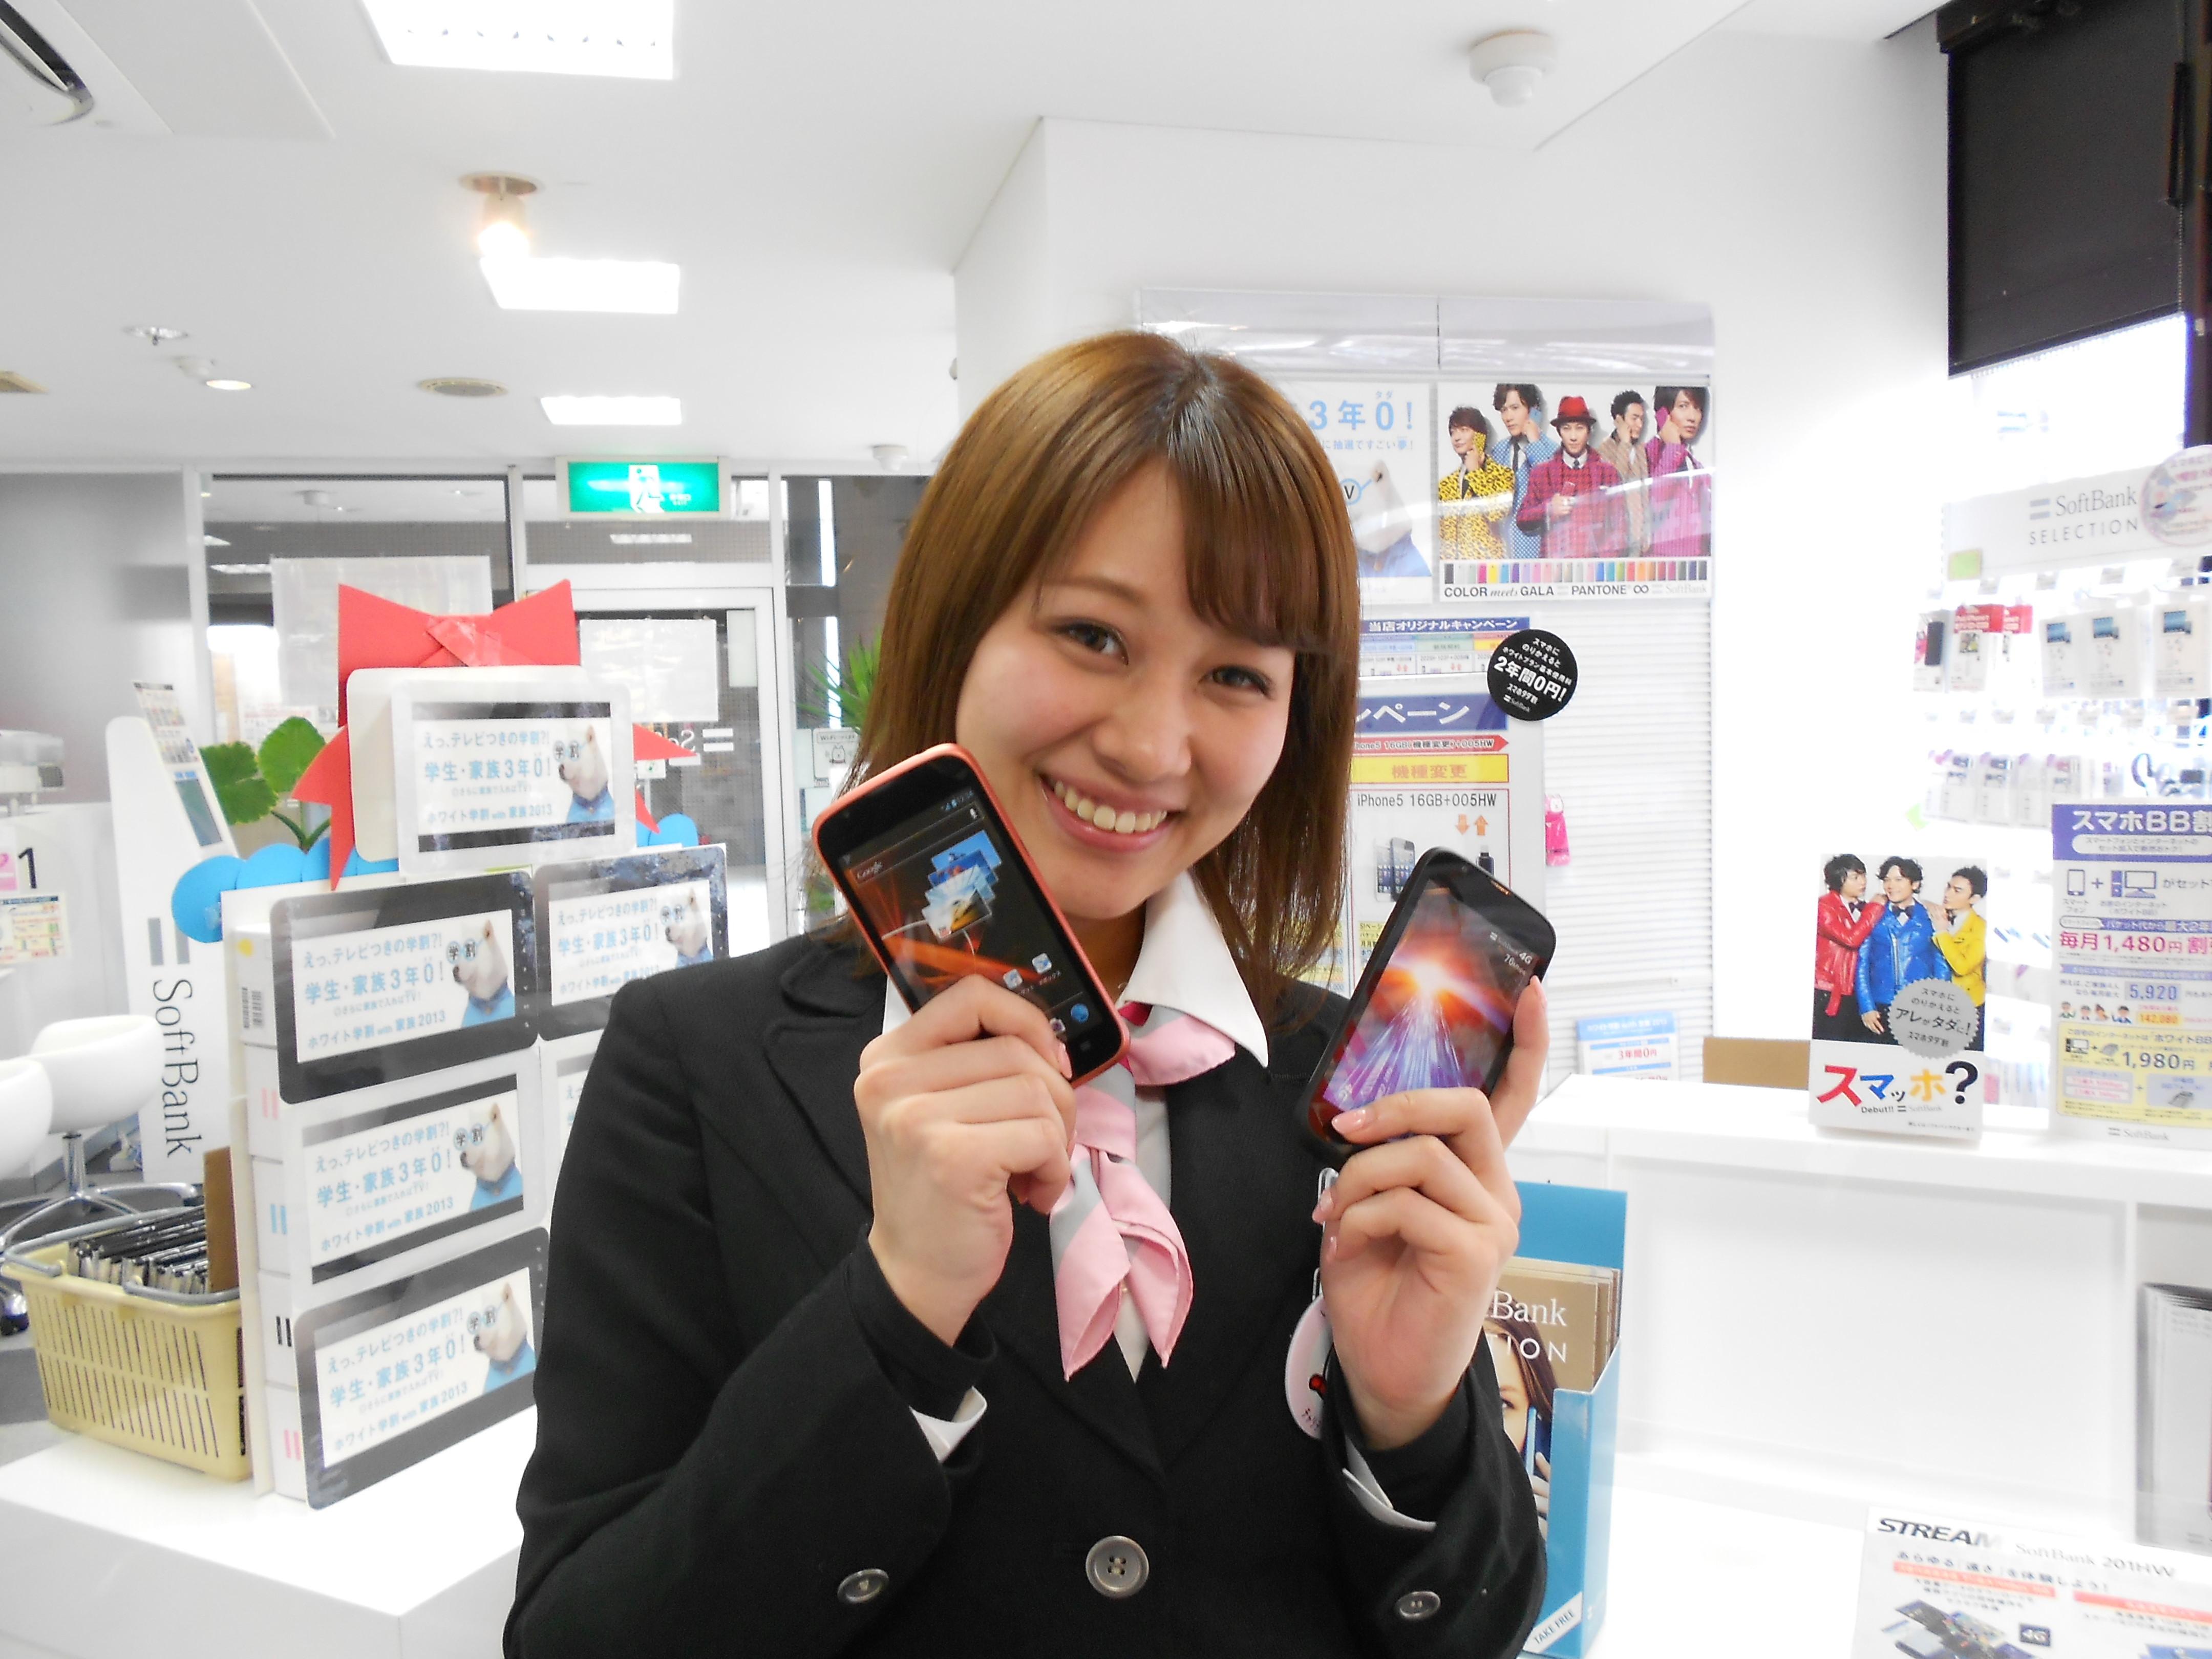 ワイモバイル イオンモール東員(株式会社シエロ)のアルバイト情報